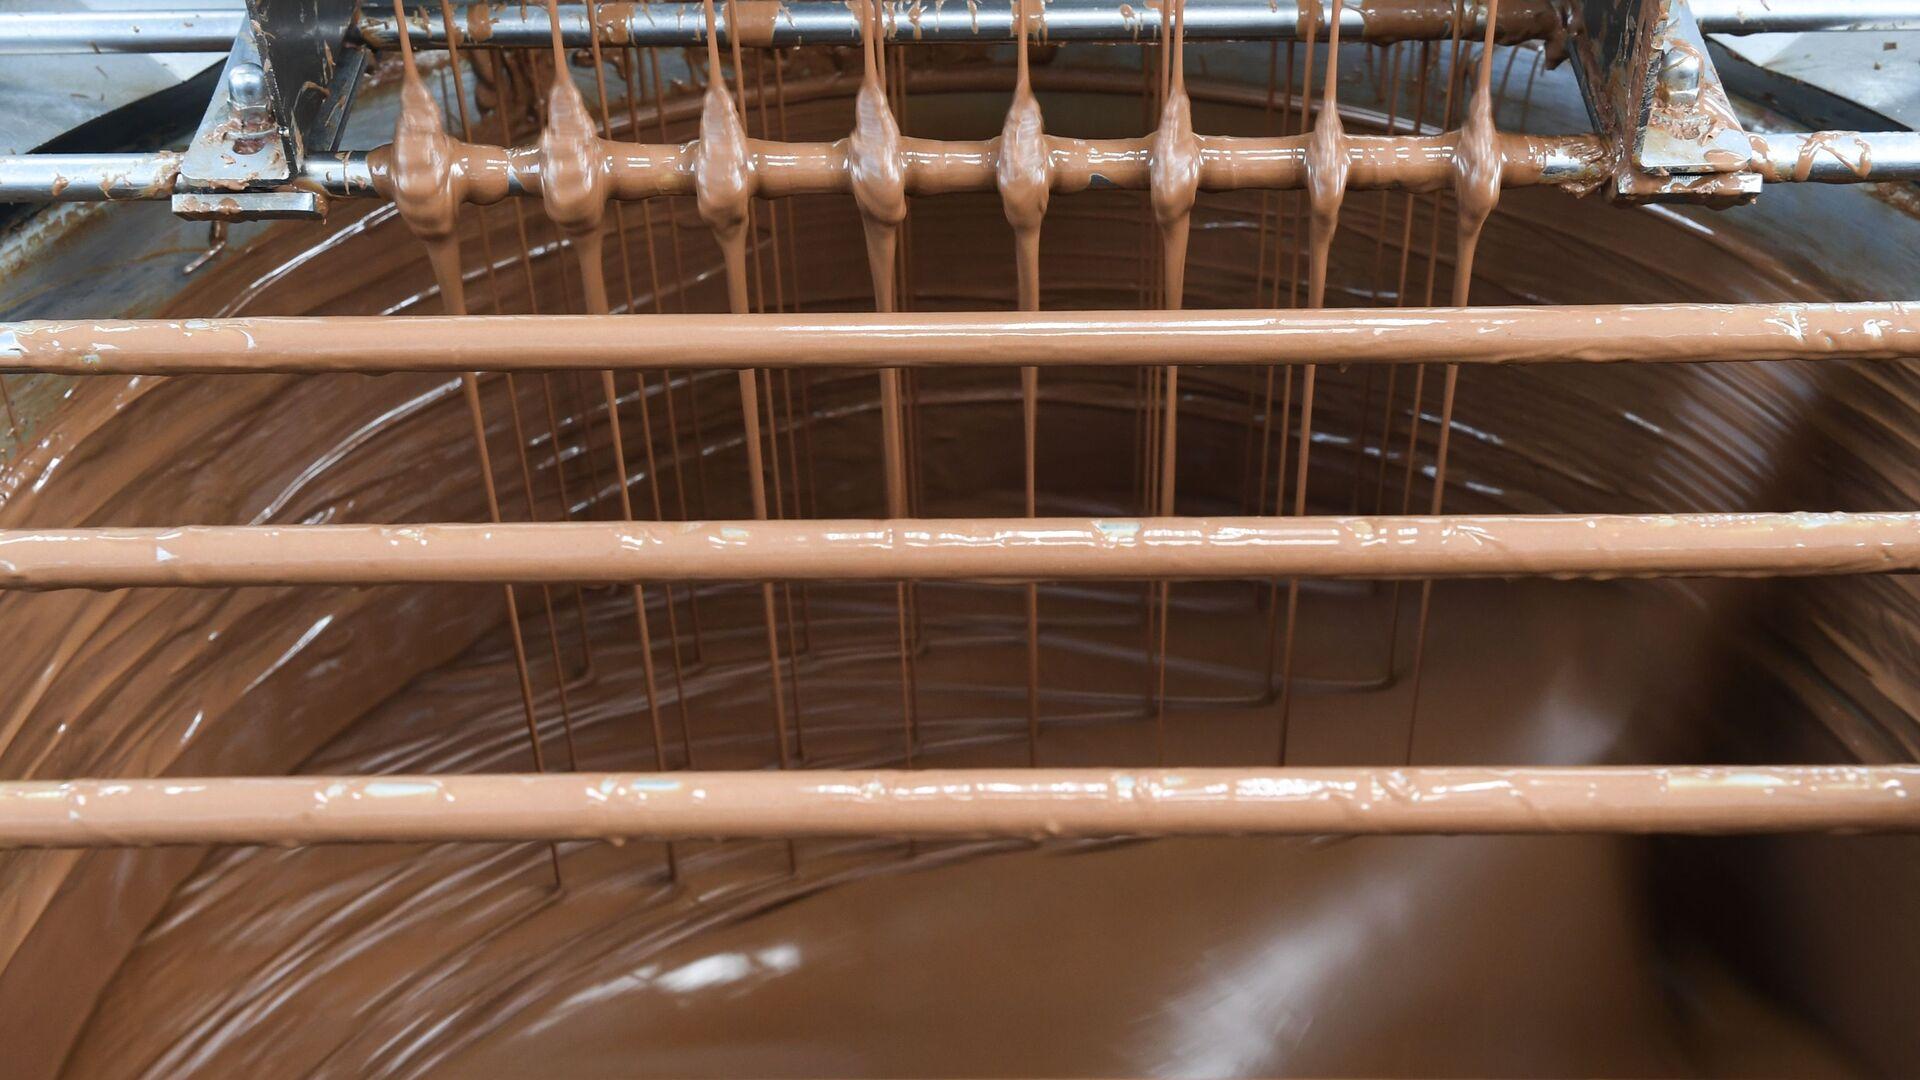 Produzione di cioccolato - Sputnik Italia, 1920, 23.06.2021